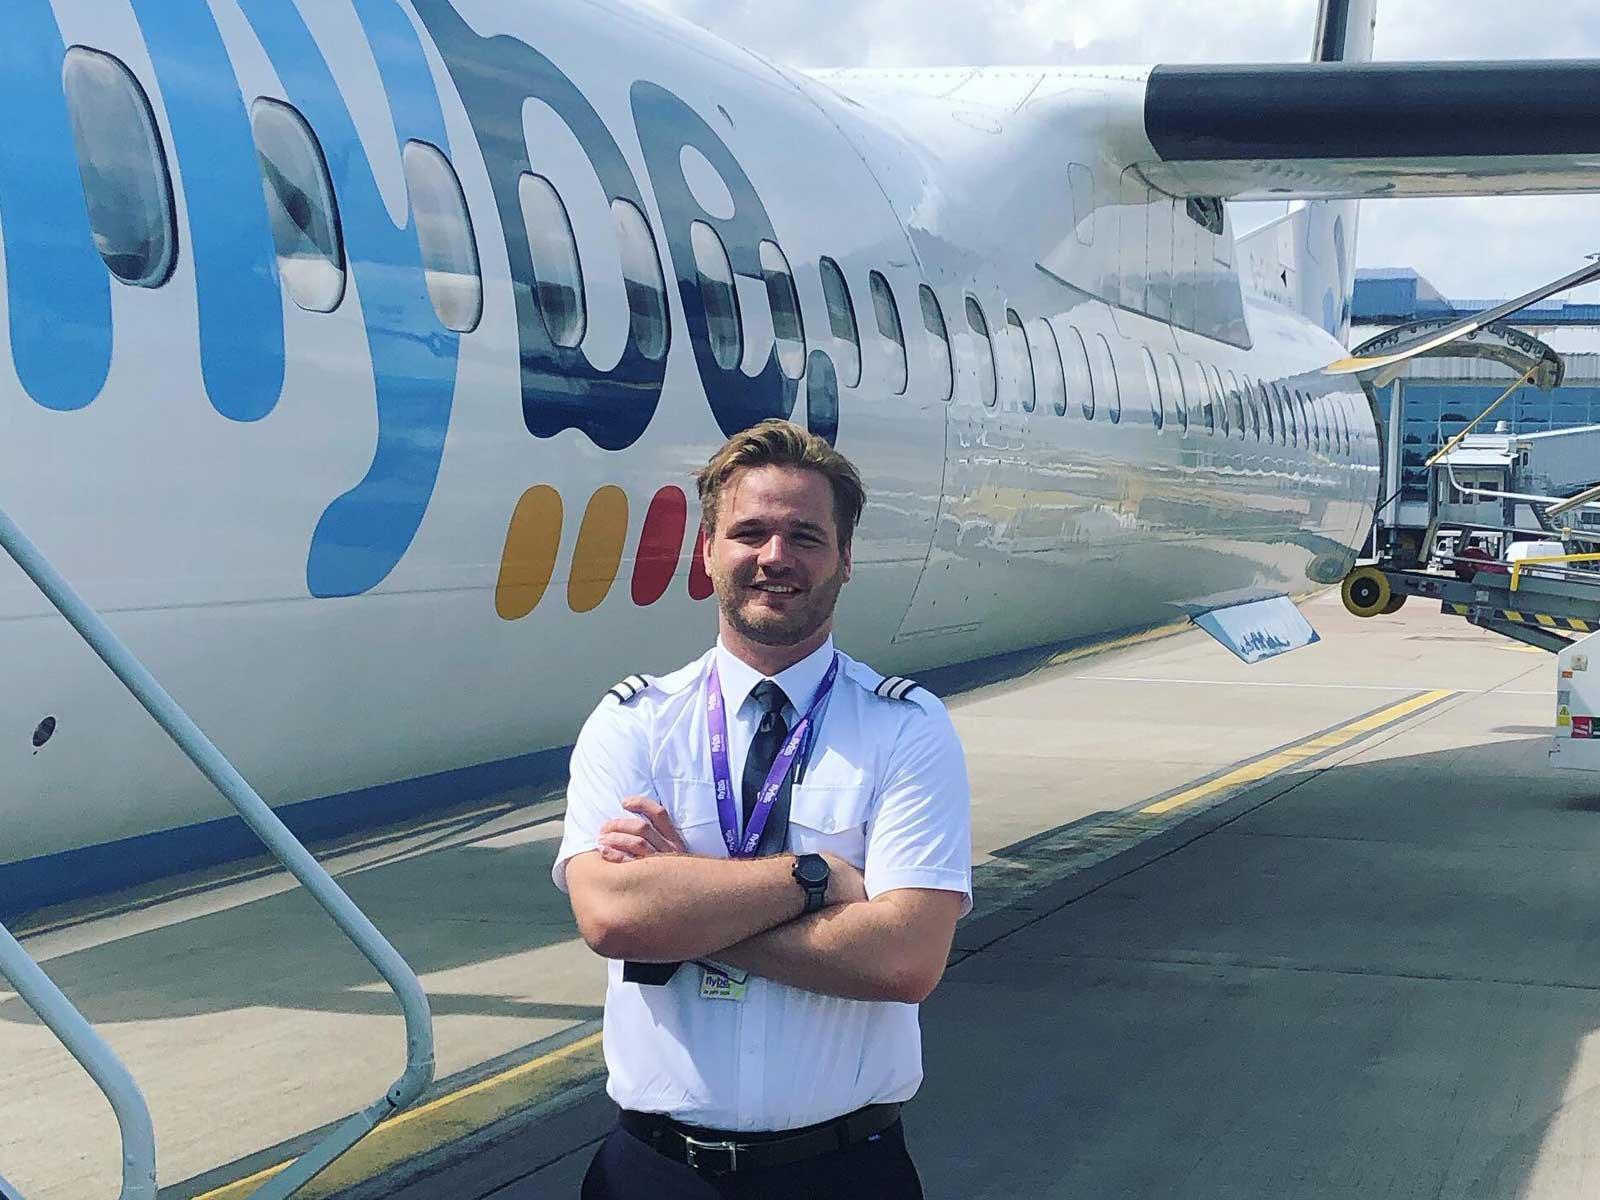 toby-hudson-flybe-pilot-1